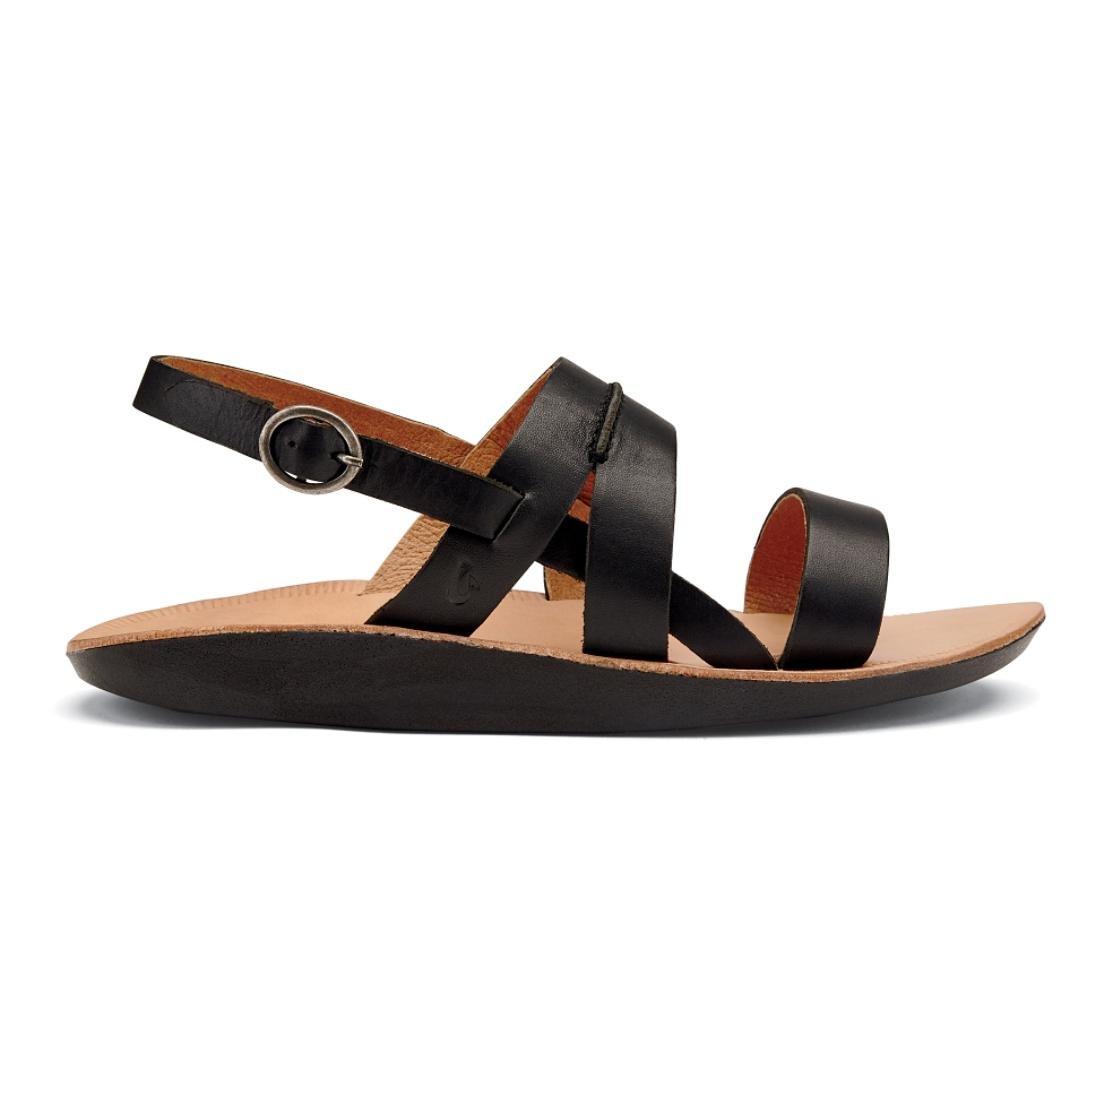 OLUKAI Womens Loea Sandal B010EAKMDK 8 B(M) US|Black/Black